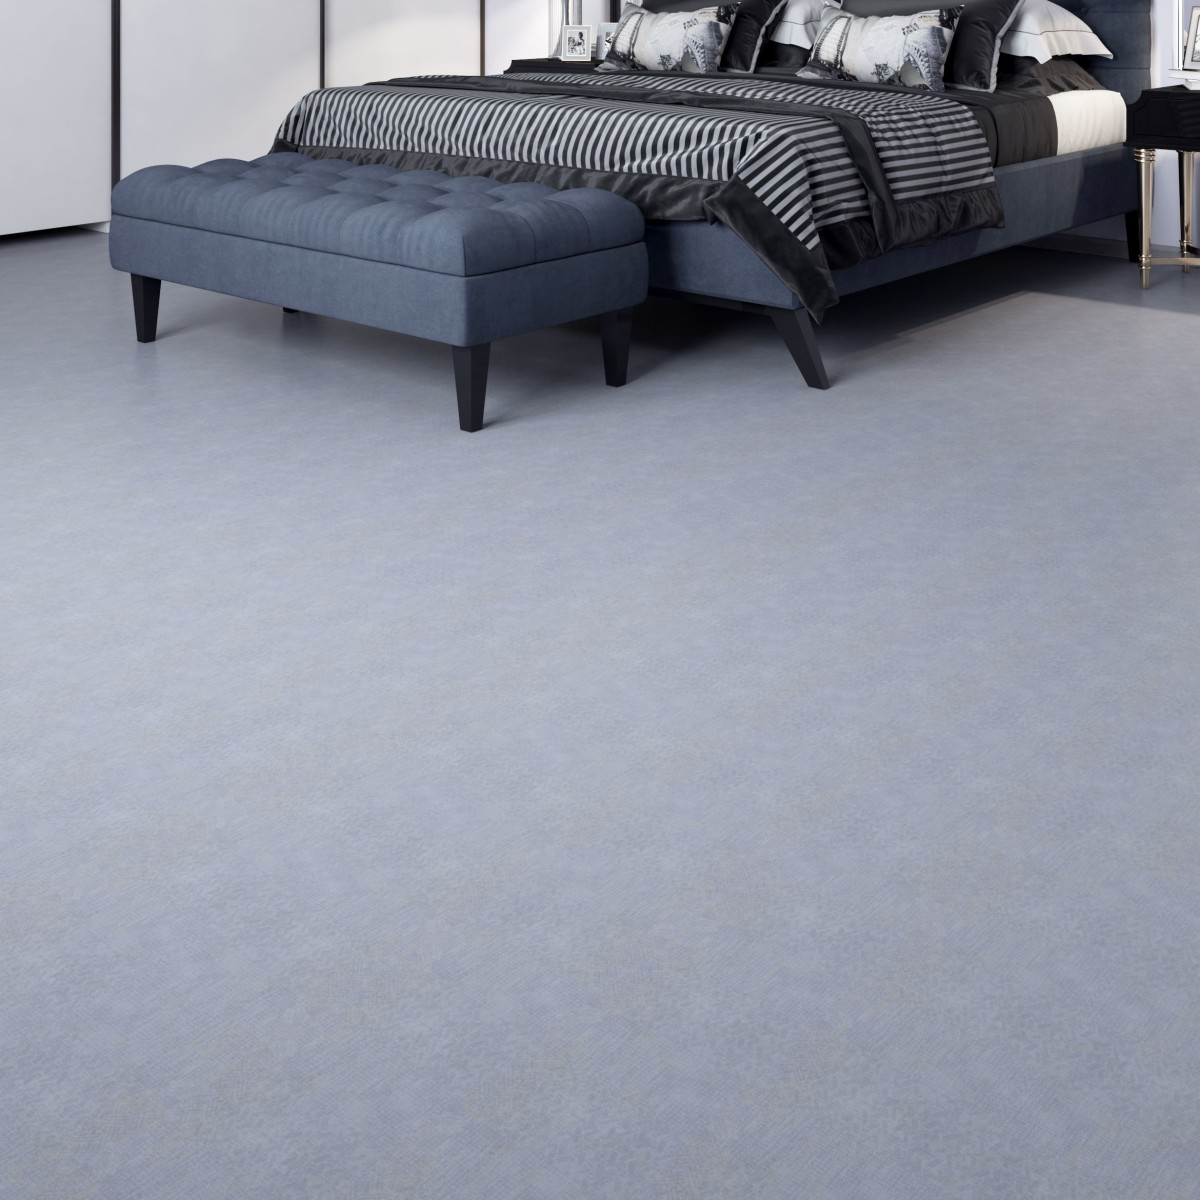 Ламинат Бельведер 32 класс толщина 8 мм 1.835 м²